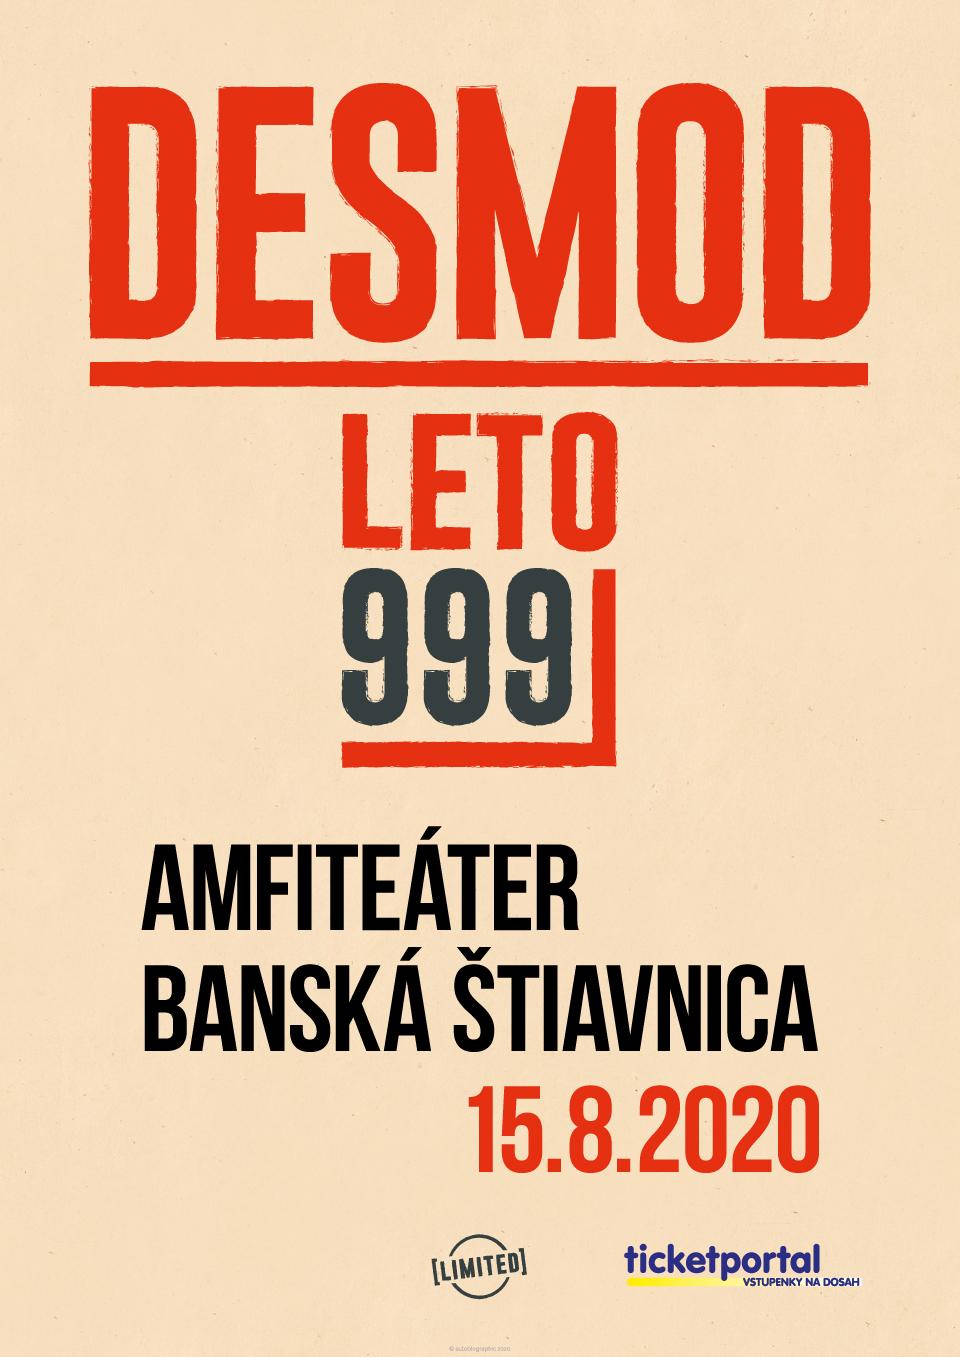 picture Desmod leto 999